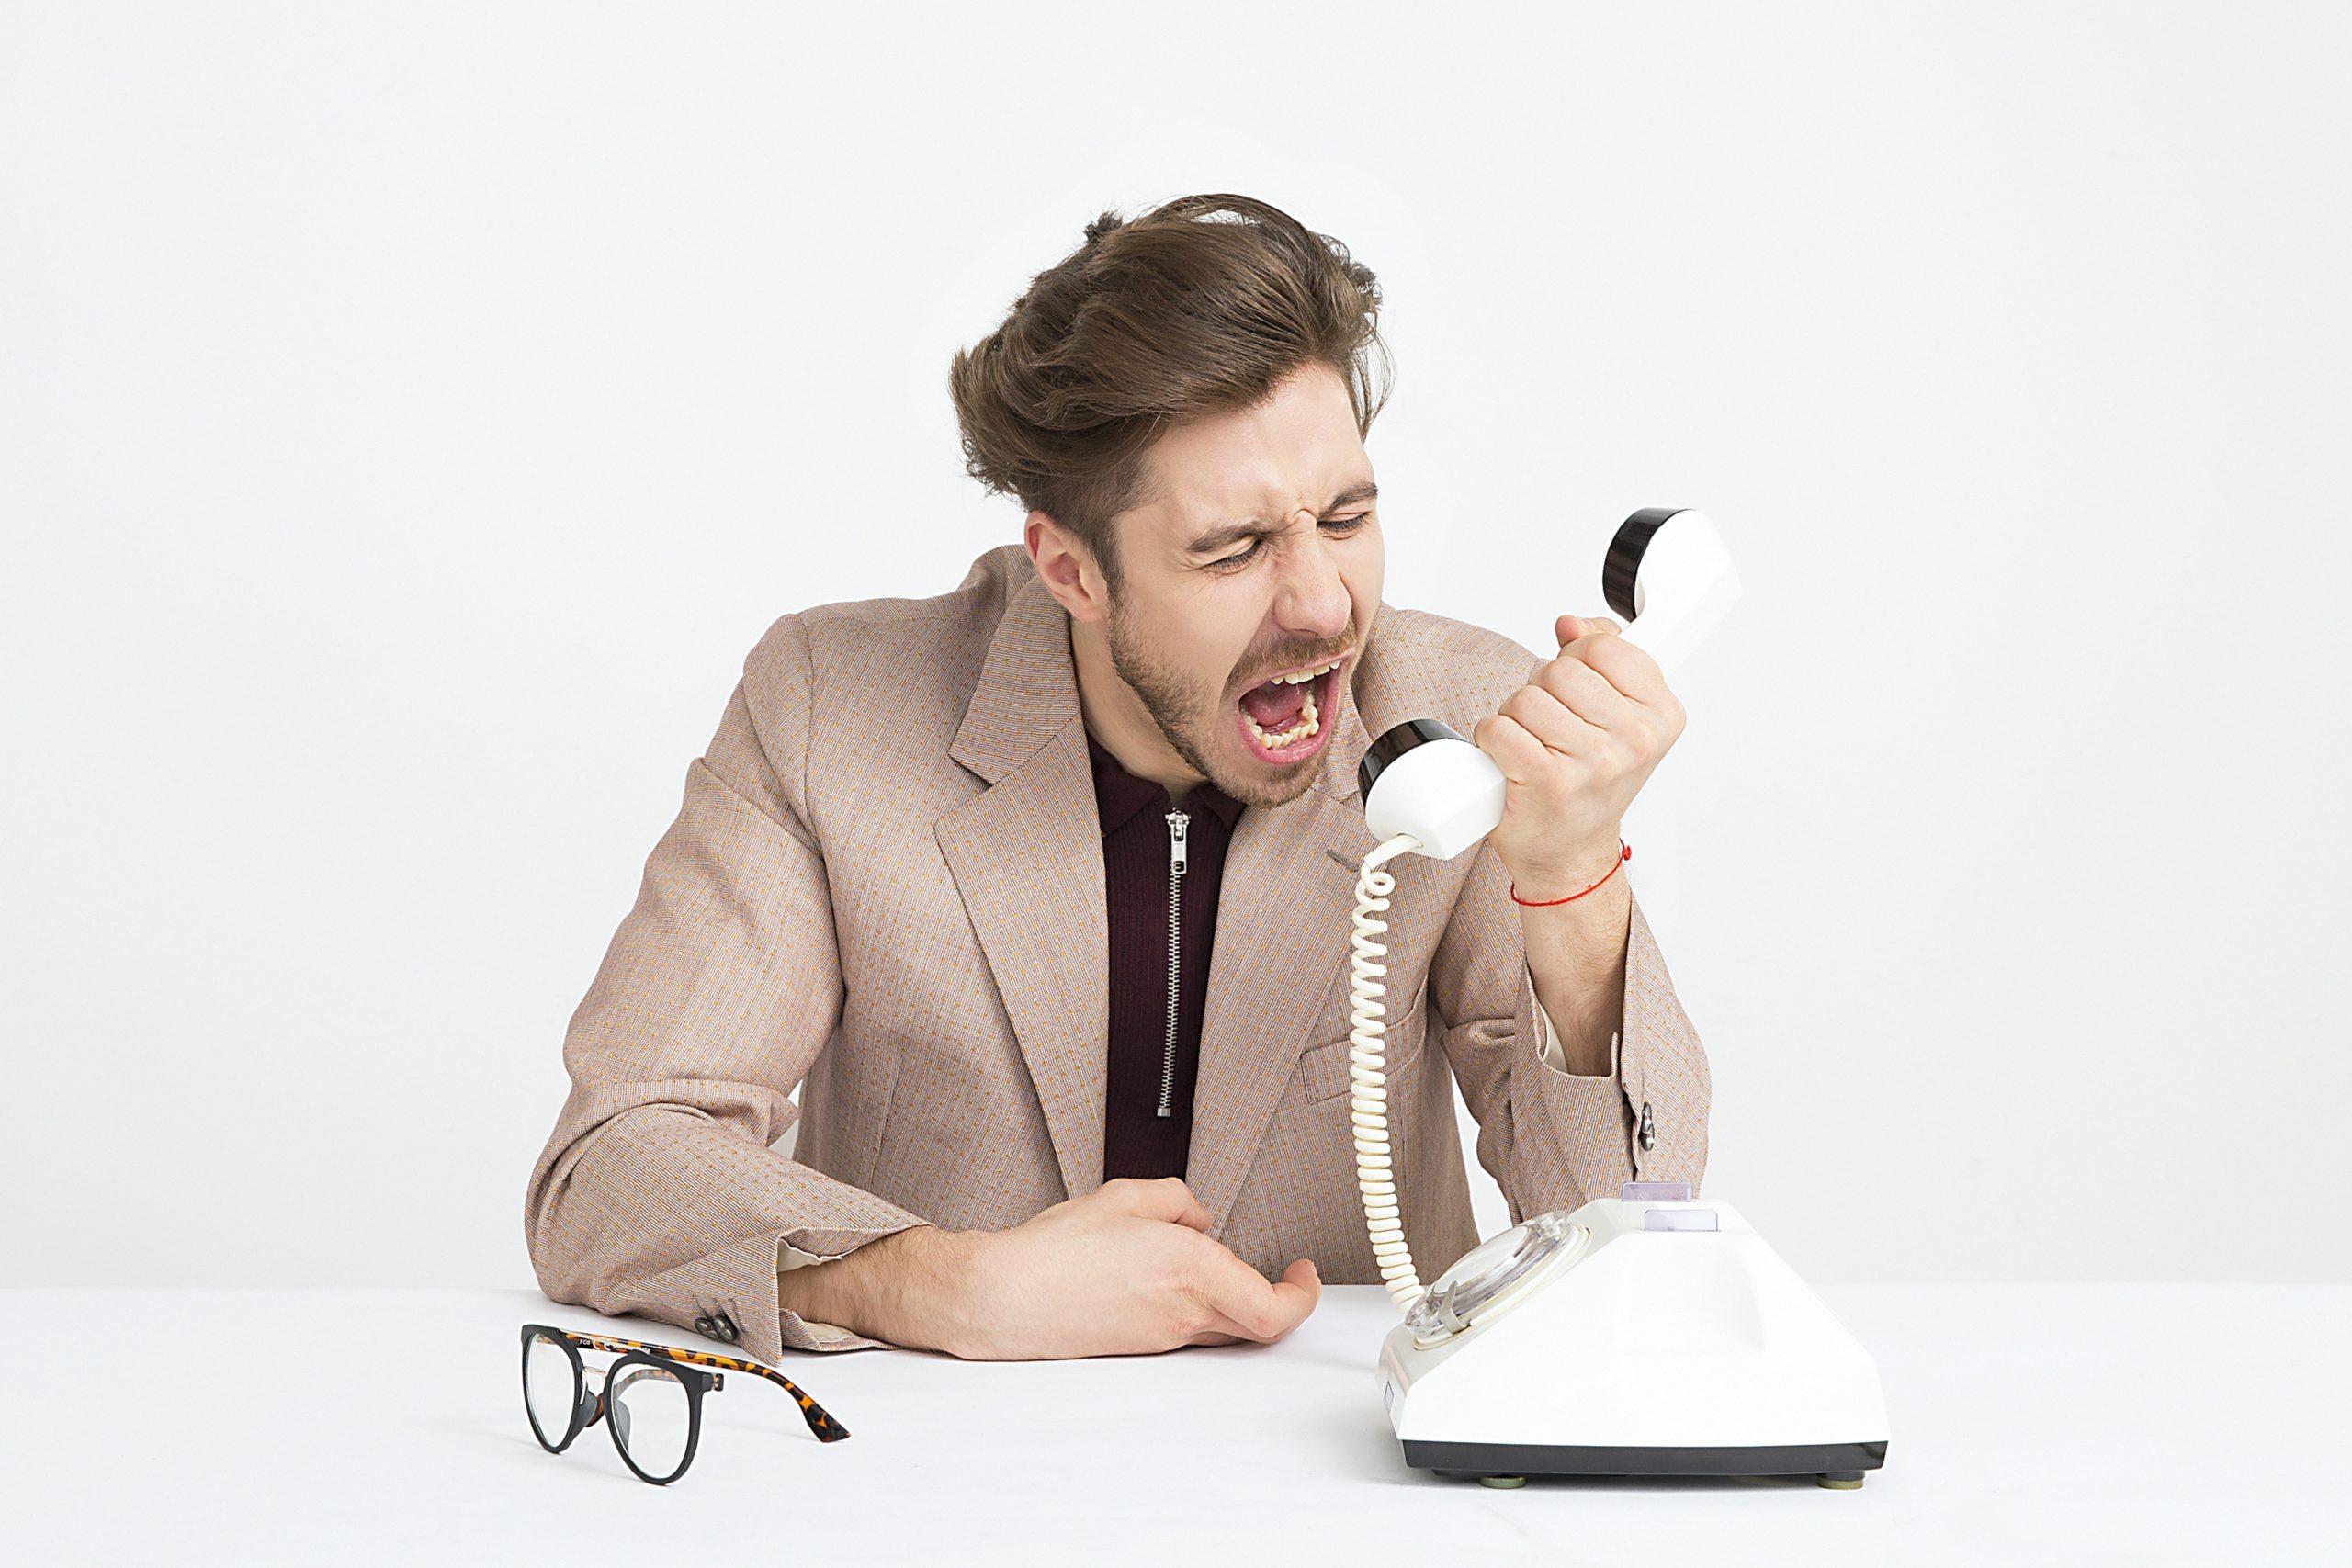 仕事で喧嘩してしまった時の対処法【モヤモヤも解消できます】